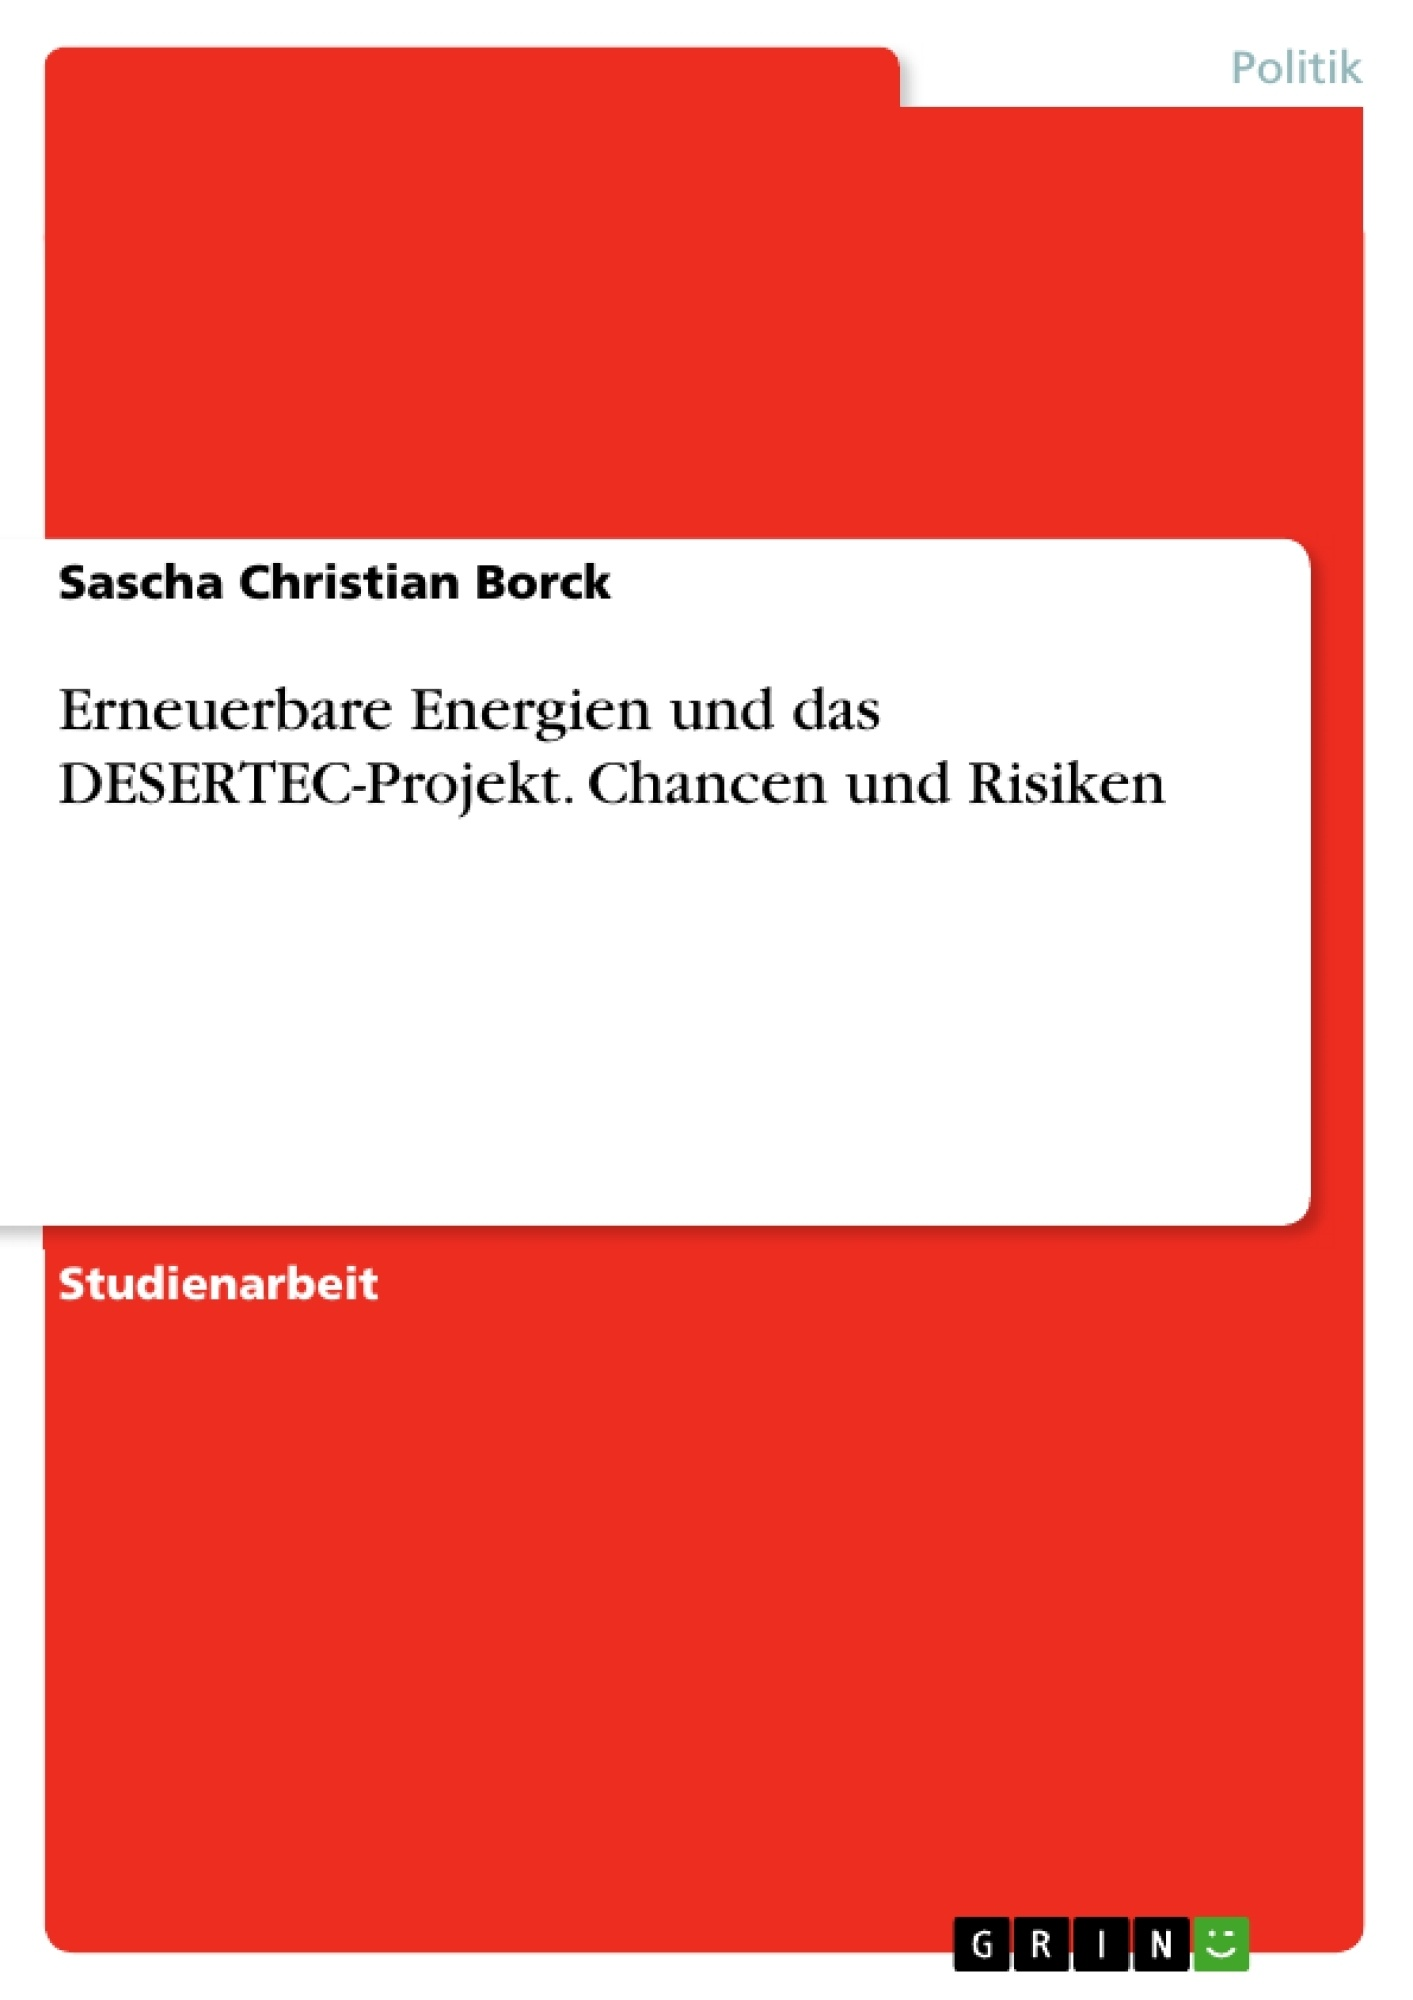 Titel: Erneuerbare Energien und das DESERTEC-Projekt. Chancen und Risiken